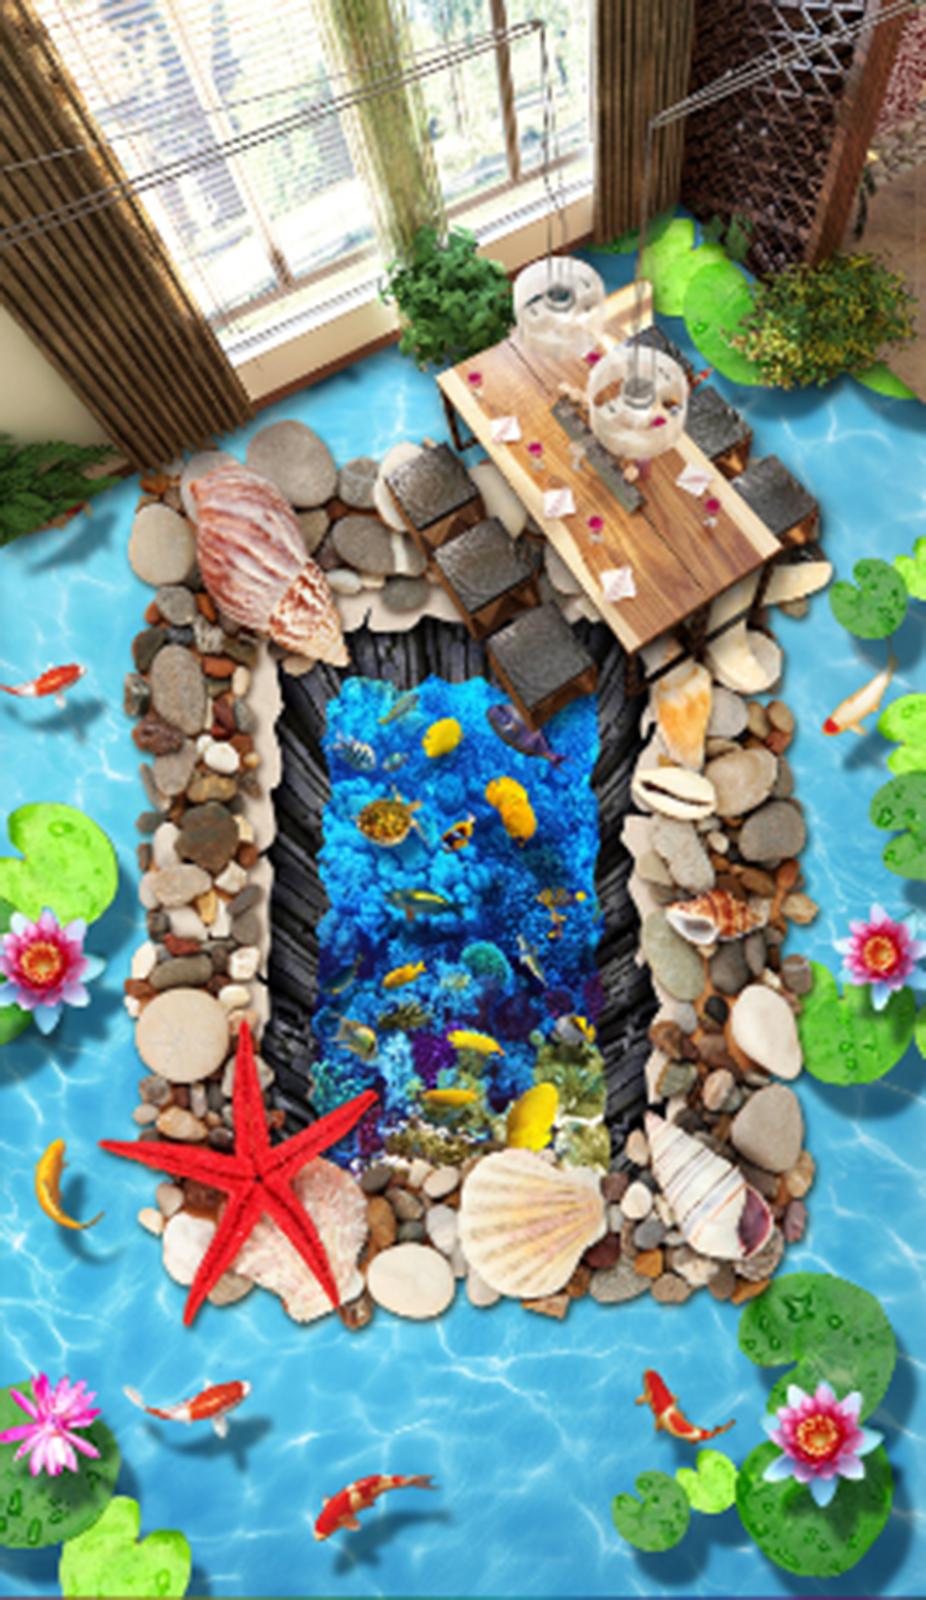 3D Starfish Stein 601 Fototapeten Wandbild Fototapete Tapete Familie DE Lemon